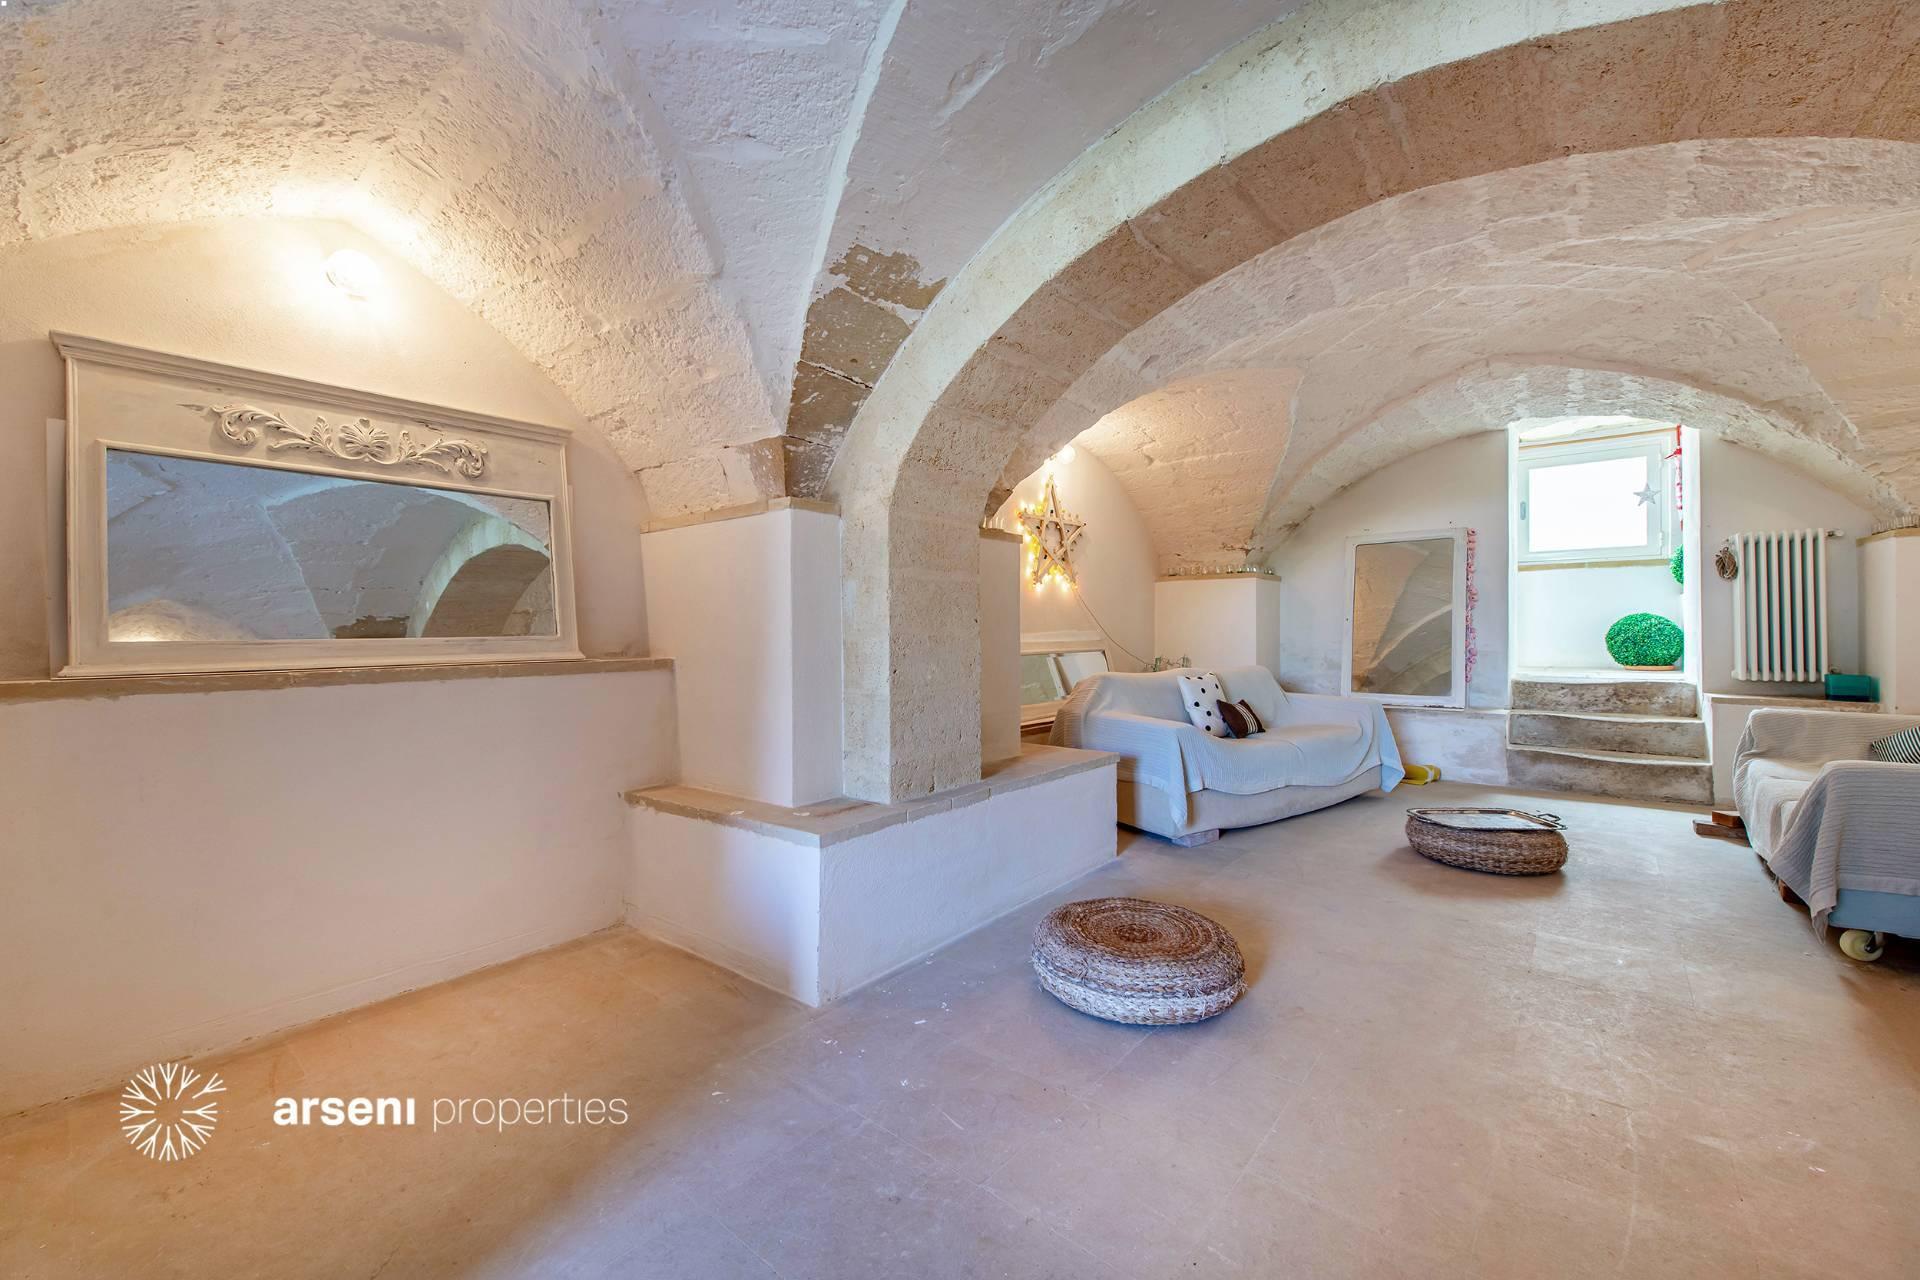 Casa indipendente in vendita a San Cassiano (LE)